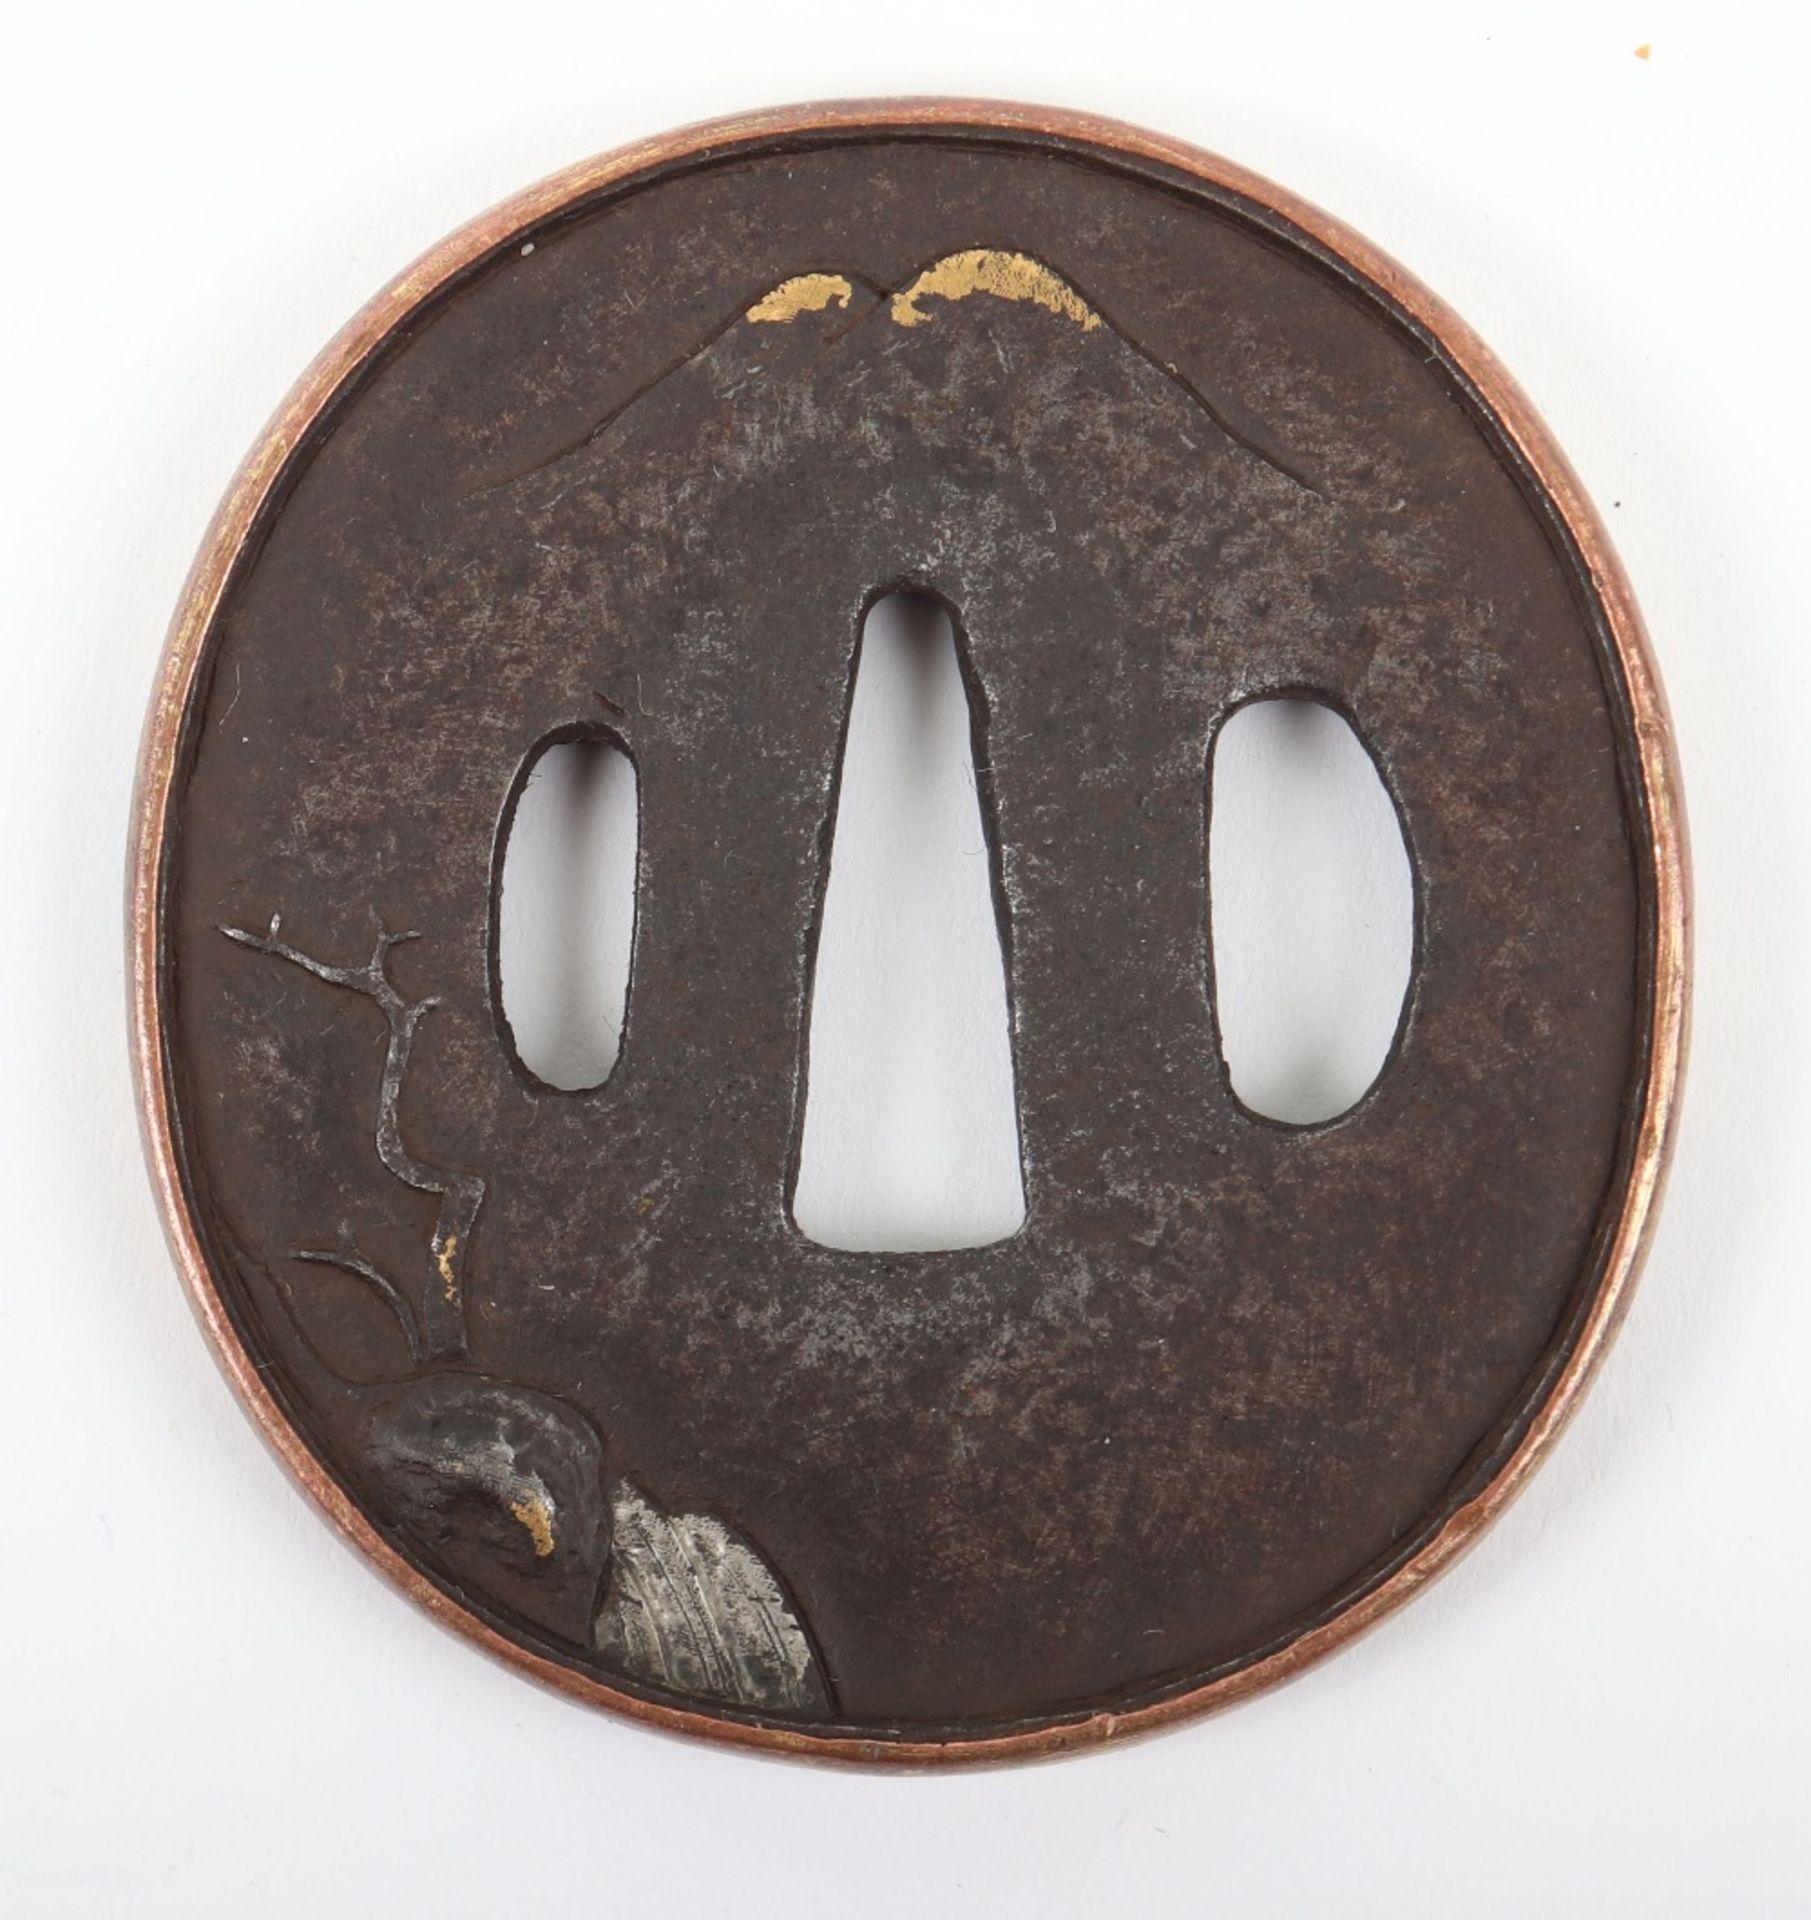 Japanese Oval Iron Edo Tsuba, 19th Century - Image 2 of 8